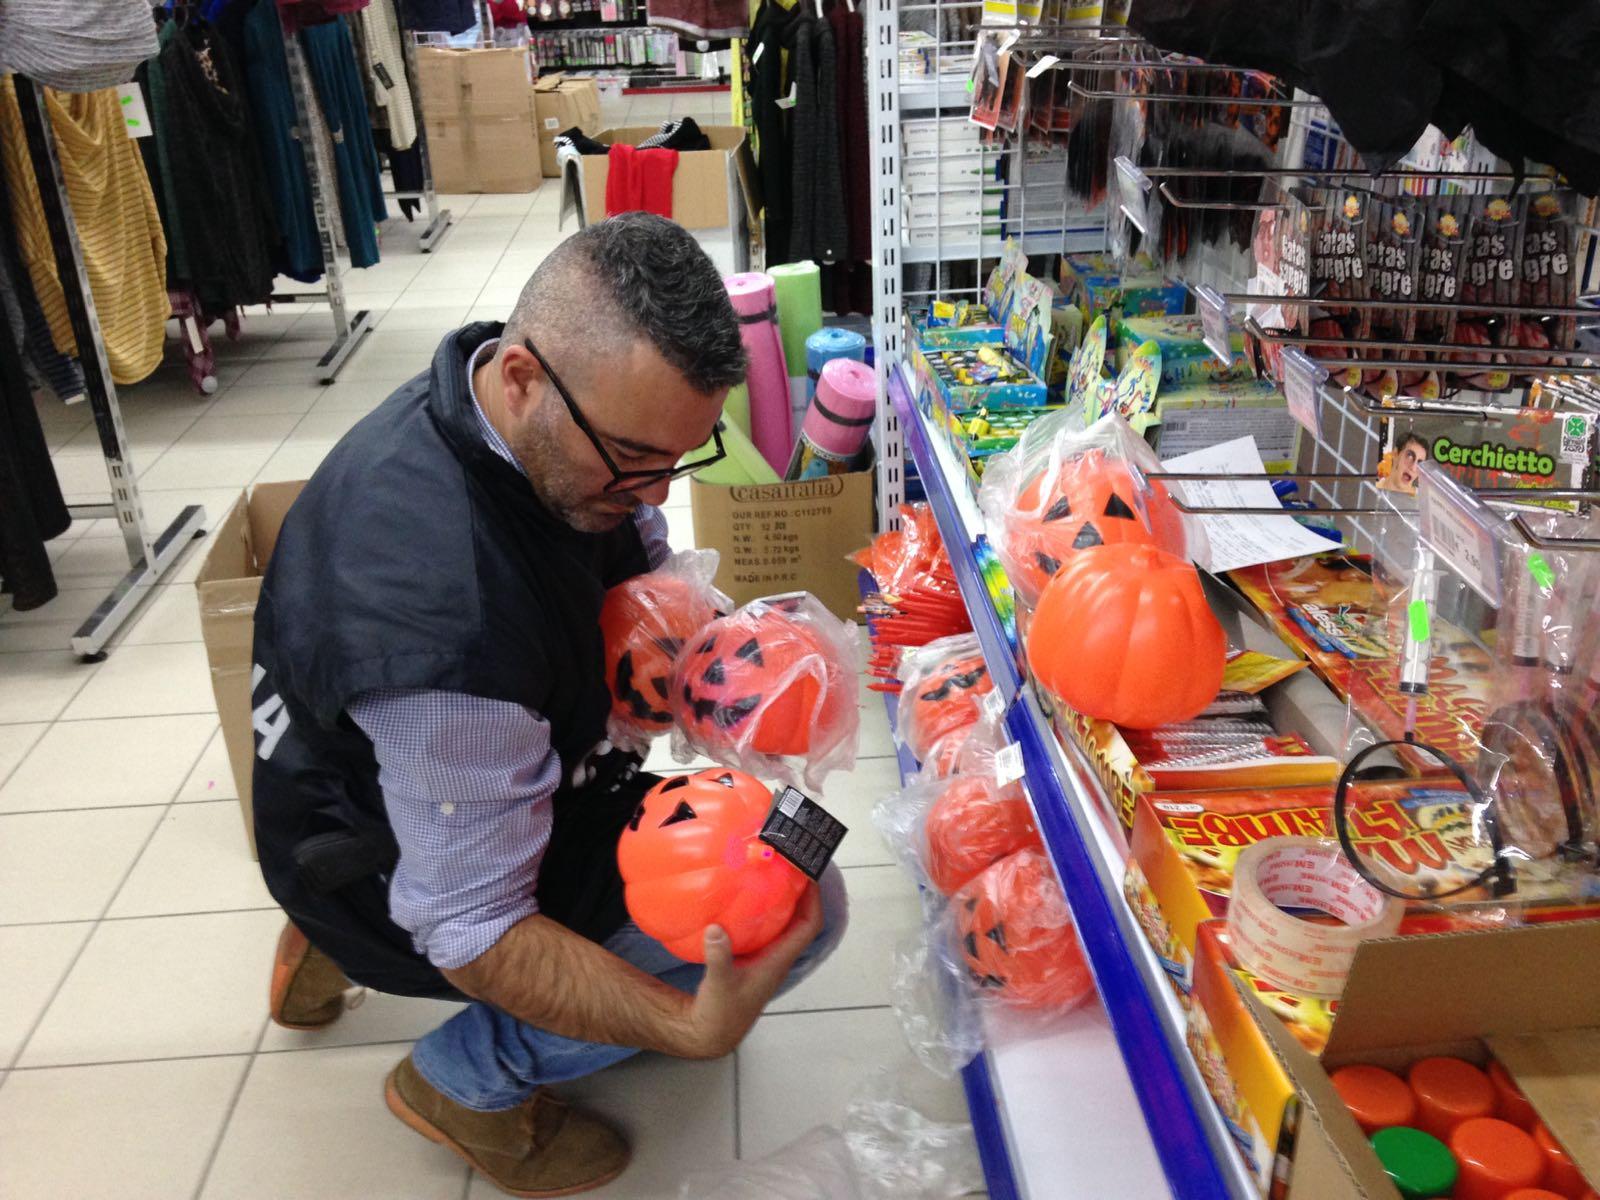 Pontedera, in vendita prodotti illeciti per Halloween: sequestrati oltre 75mila giocattoli